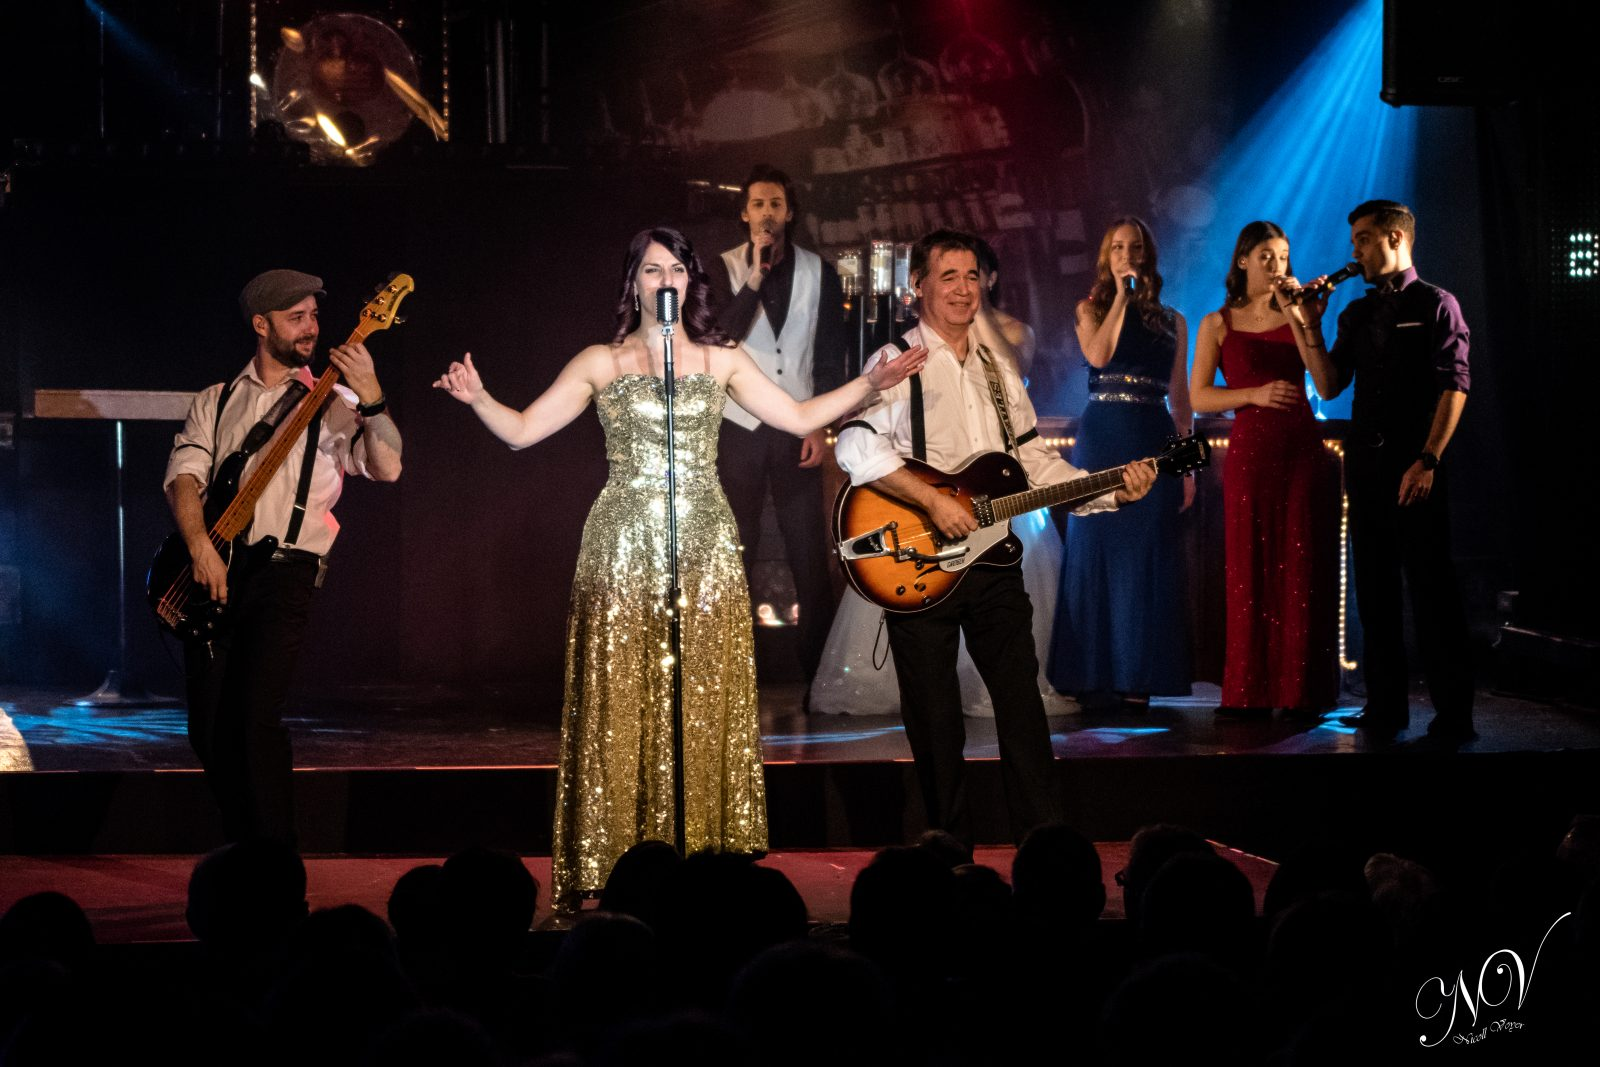 Neige: Le spectacle musical du temps des Fêtes de retour pour une 7e année